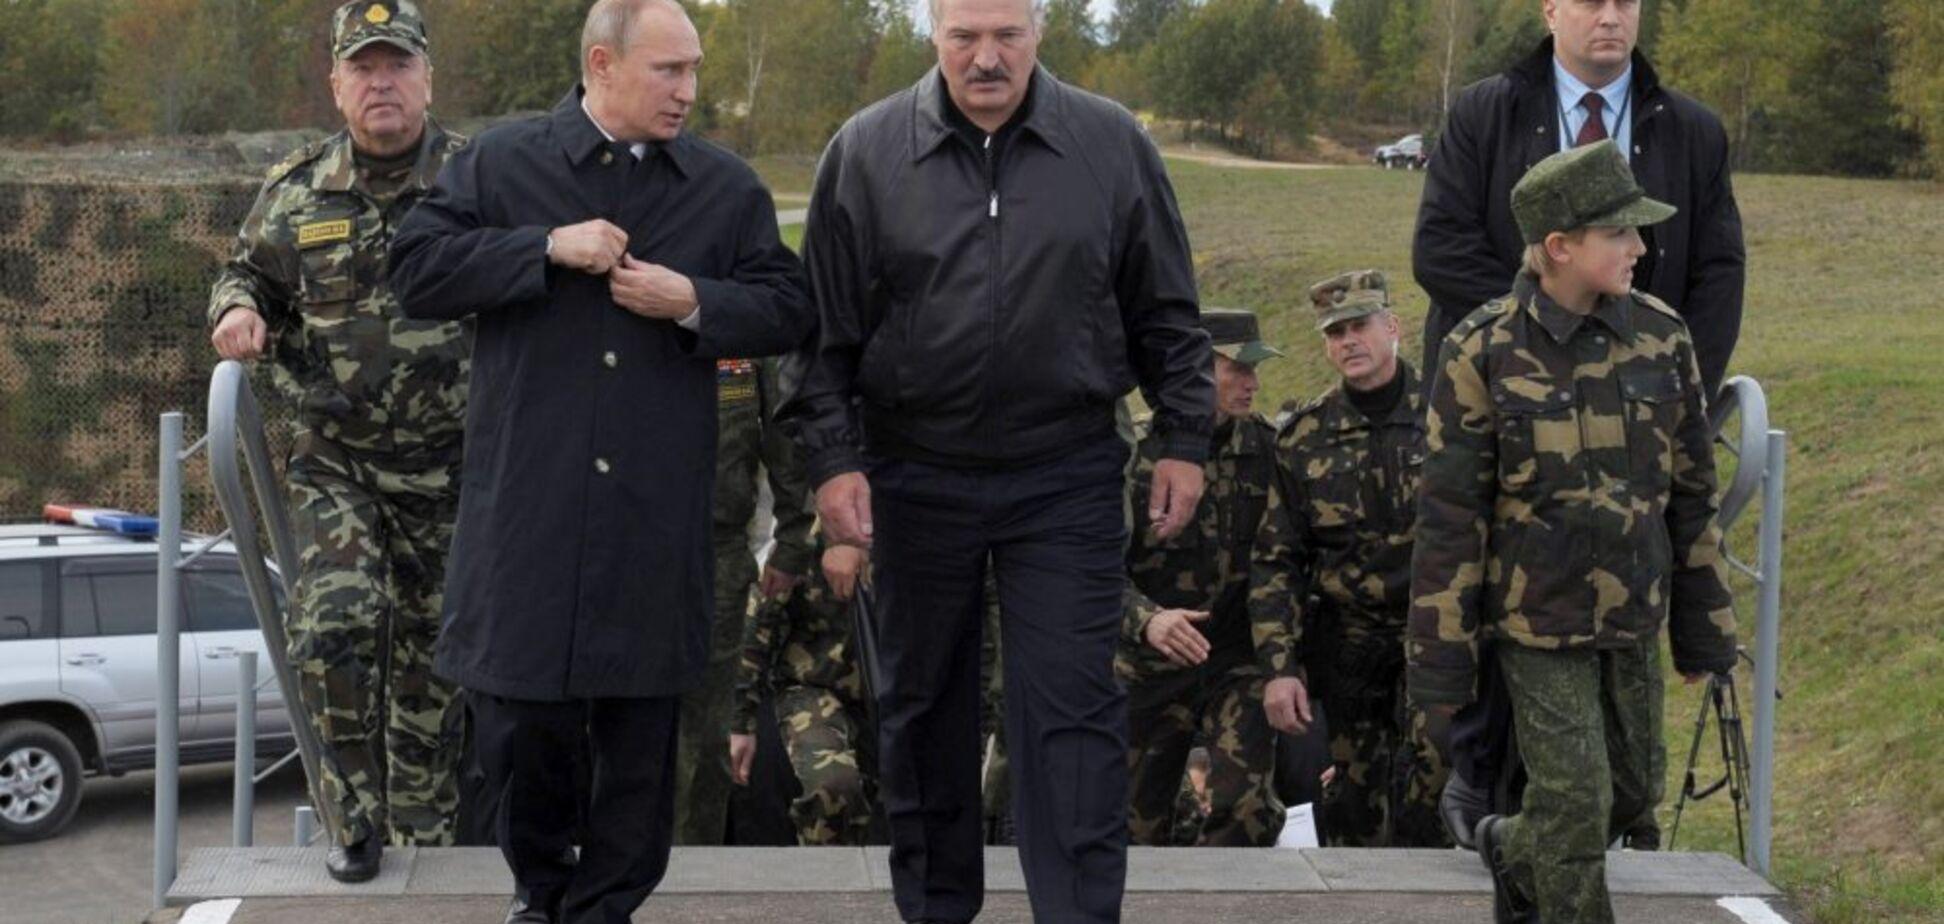 'Россия блефует': украинцам пояснили, почему не стоит бояться учений в Беларуси